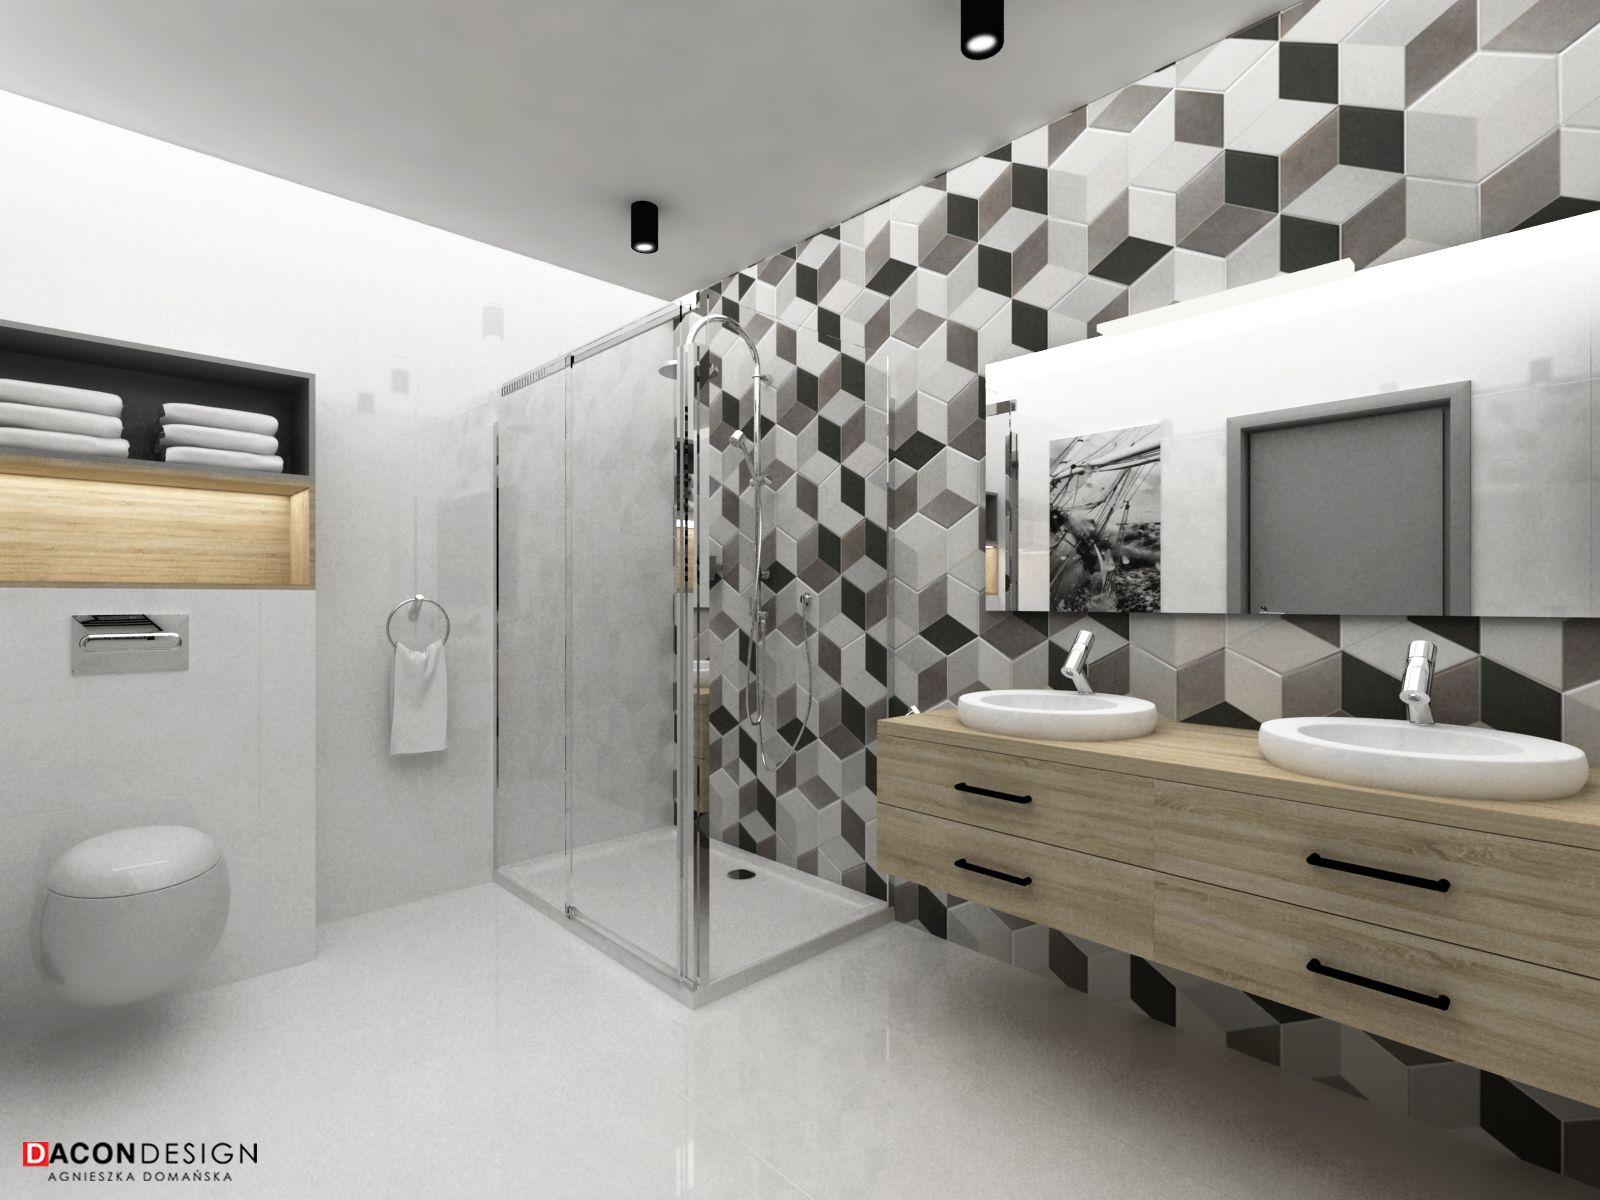 Dacon Design Wnetrza Architekt Wroclaw Projekt Lazienki